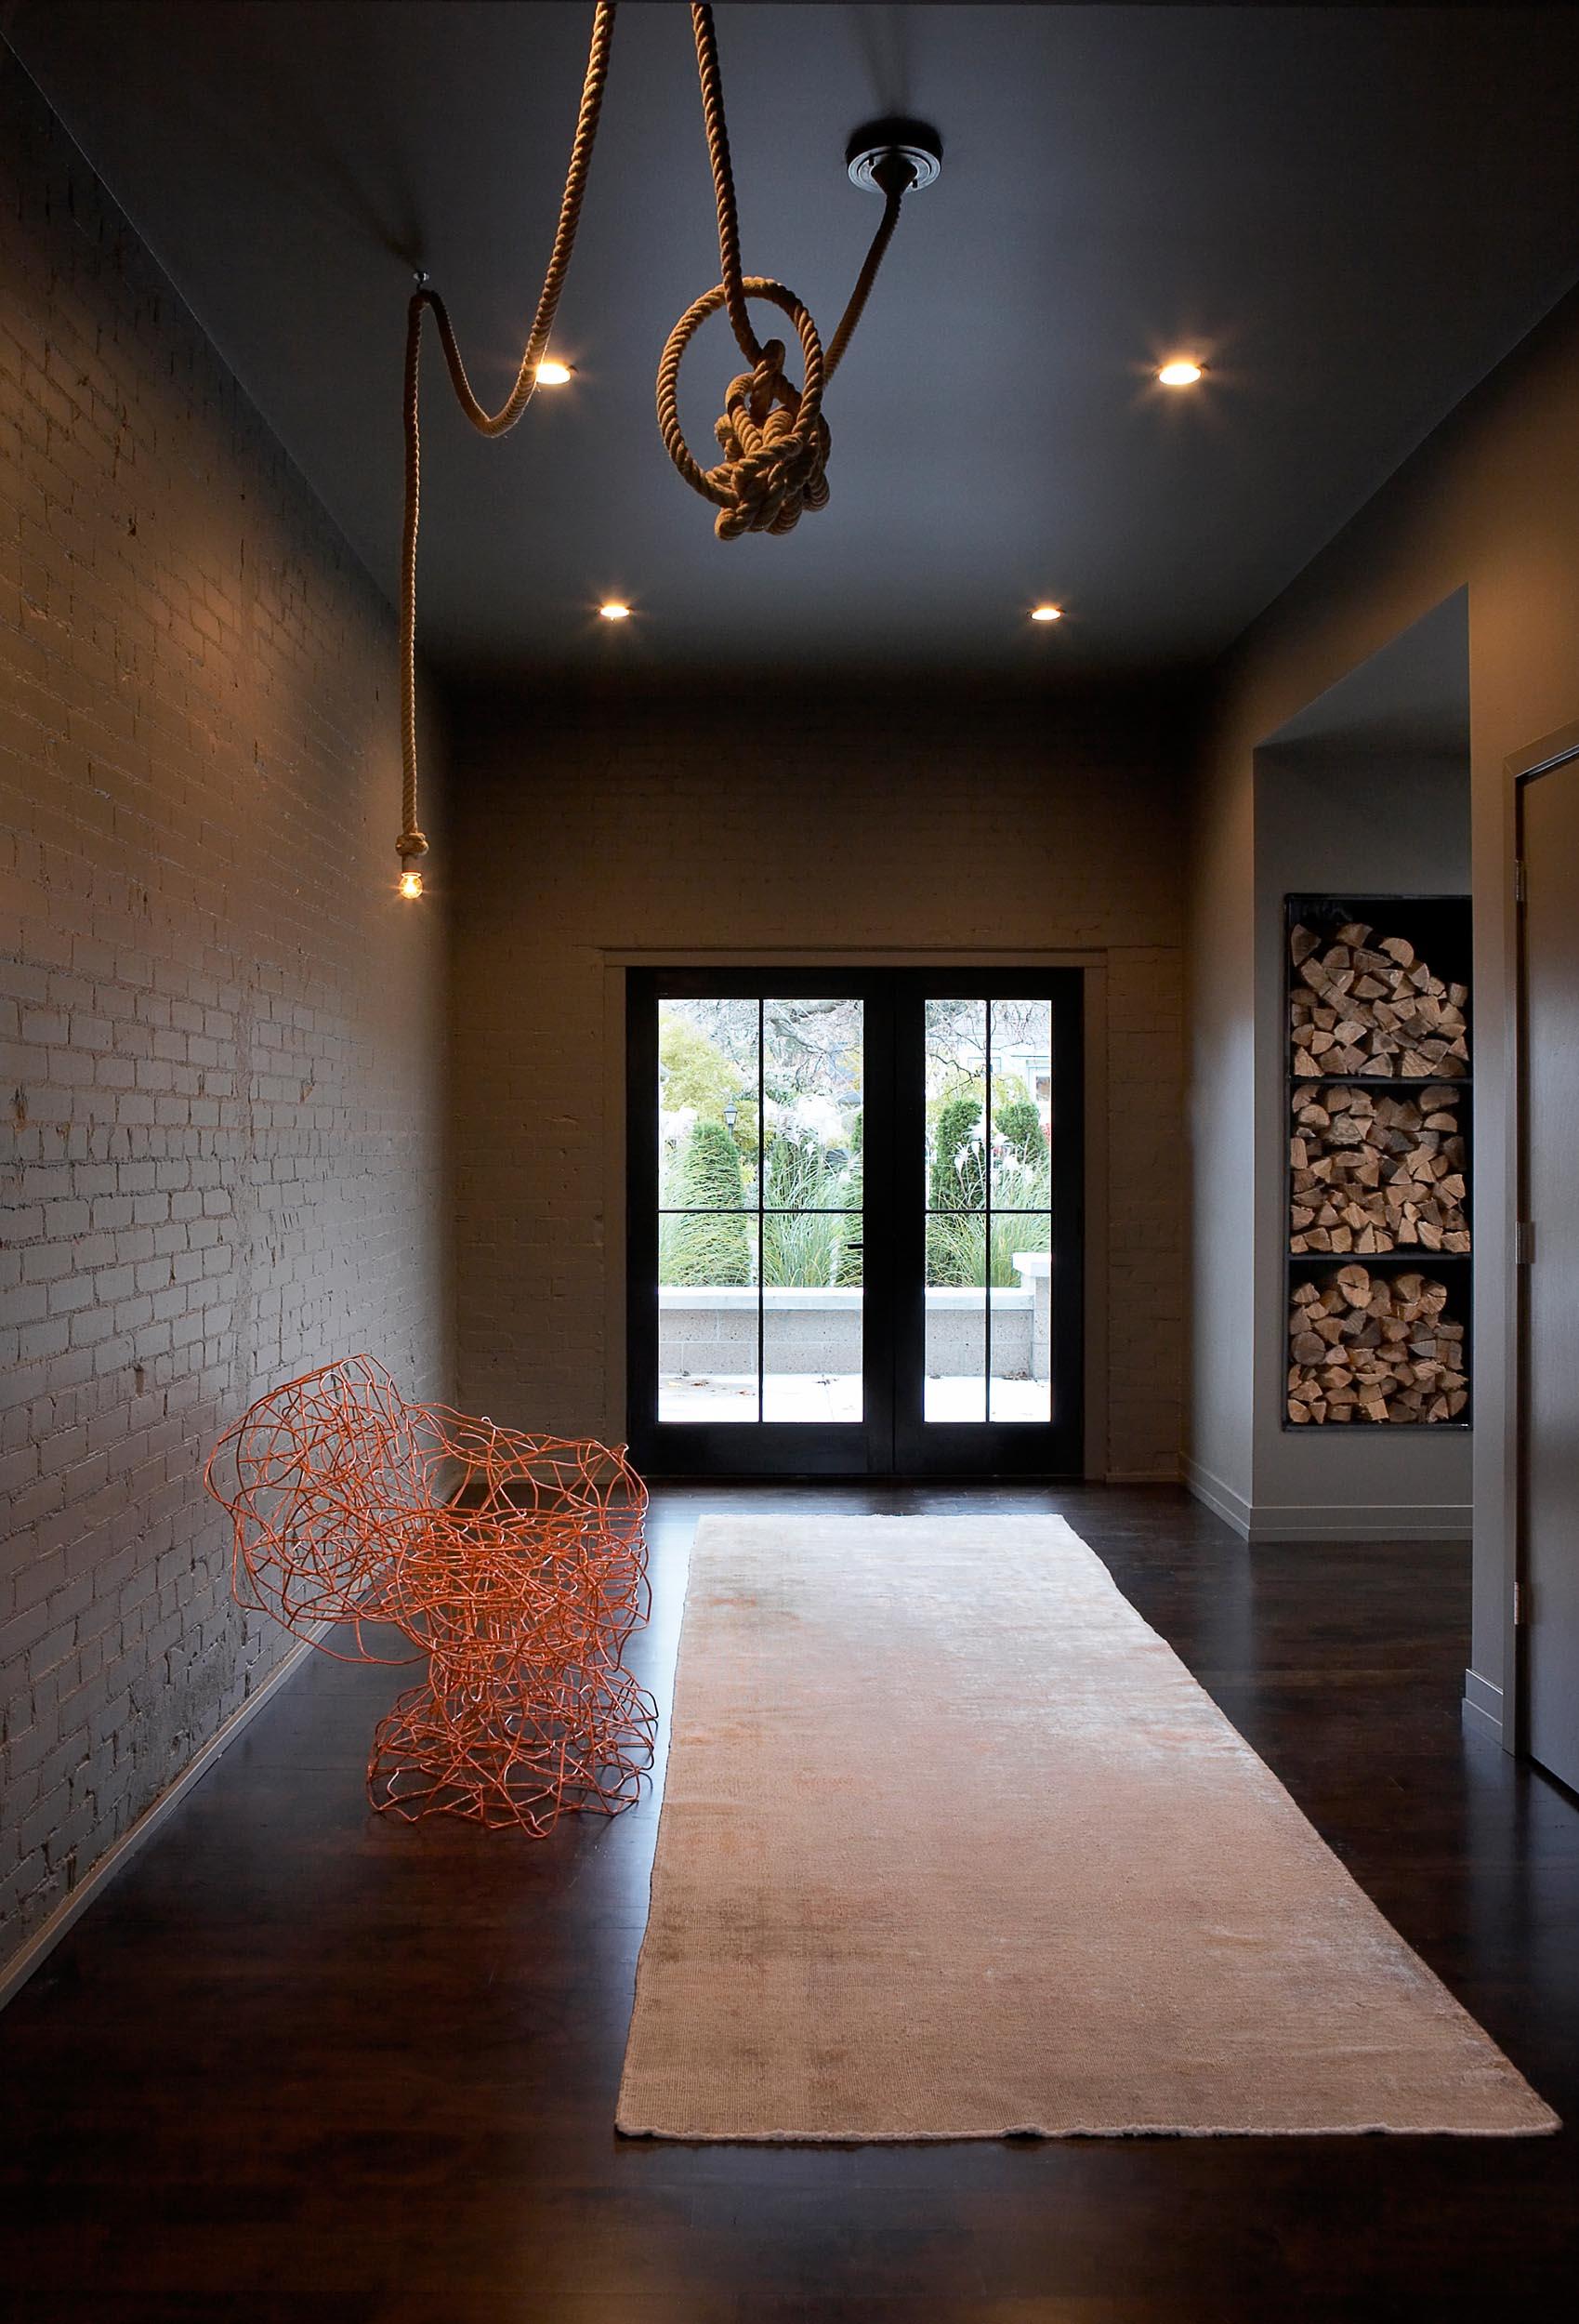 Leo_Designs_Chicago_interior_design_modern_traverse_city_transformation3.jpg